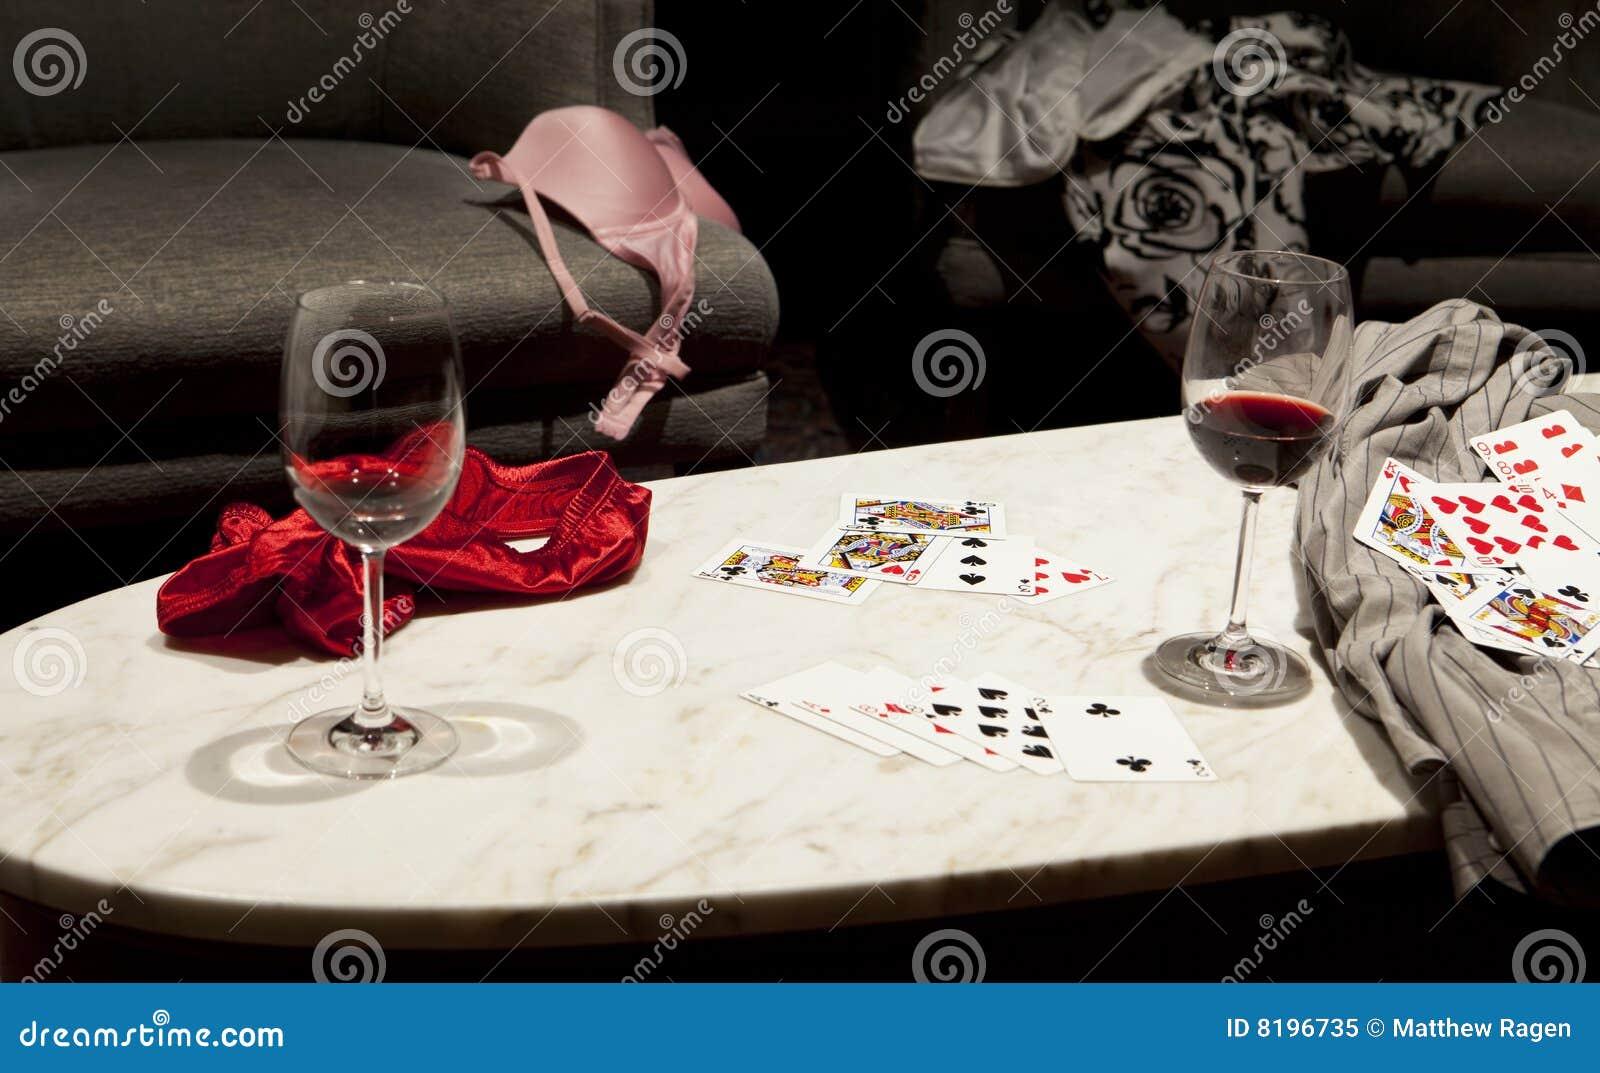 Poker outcomes